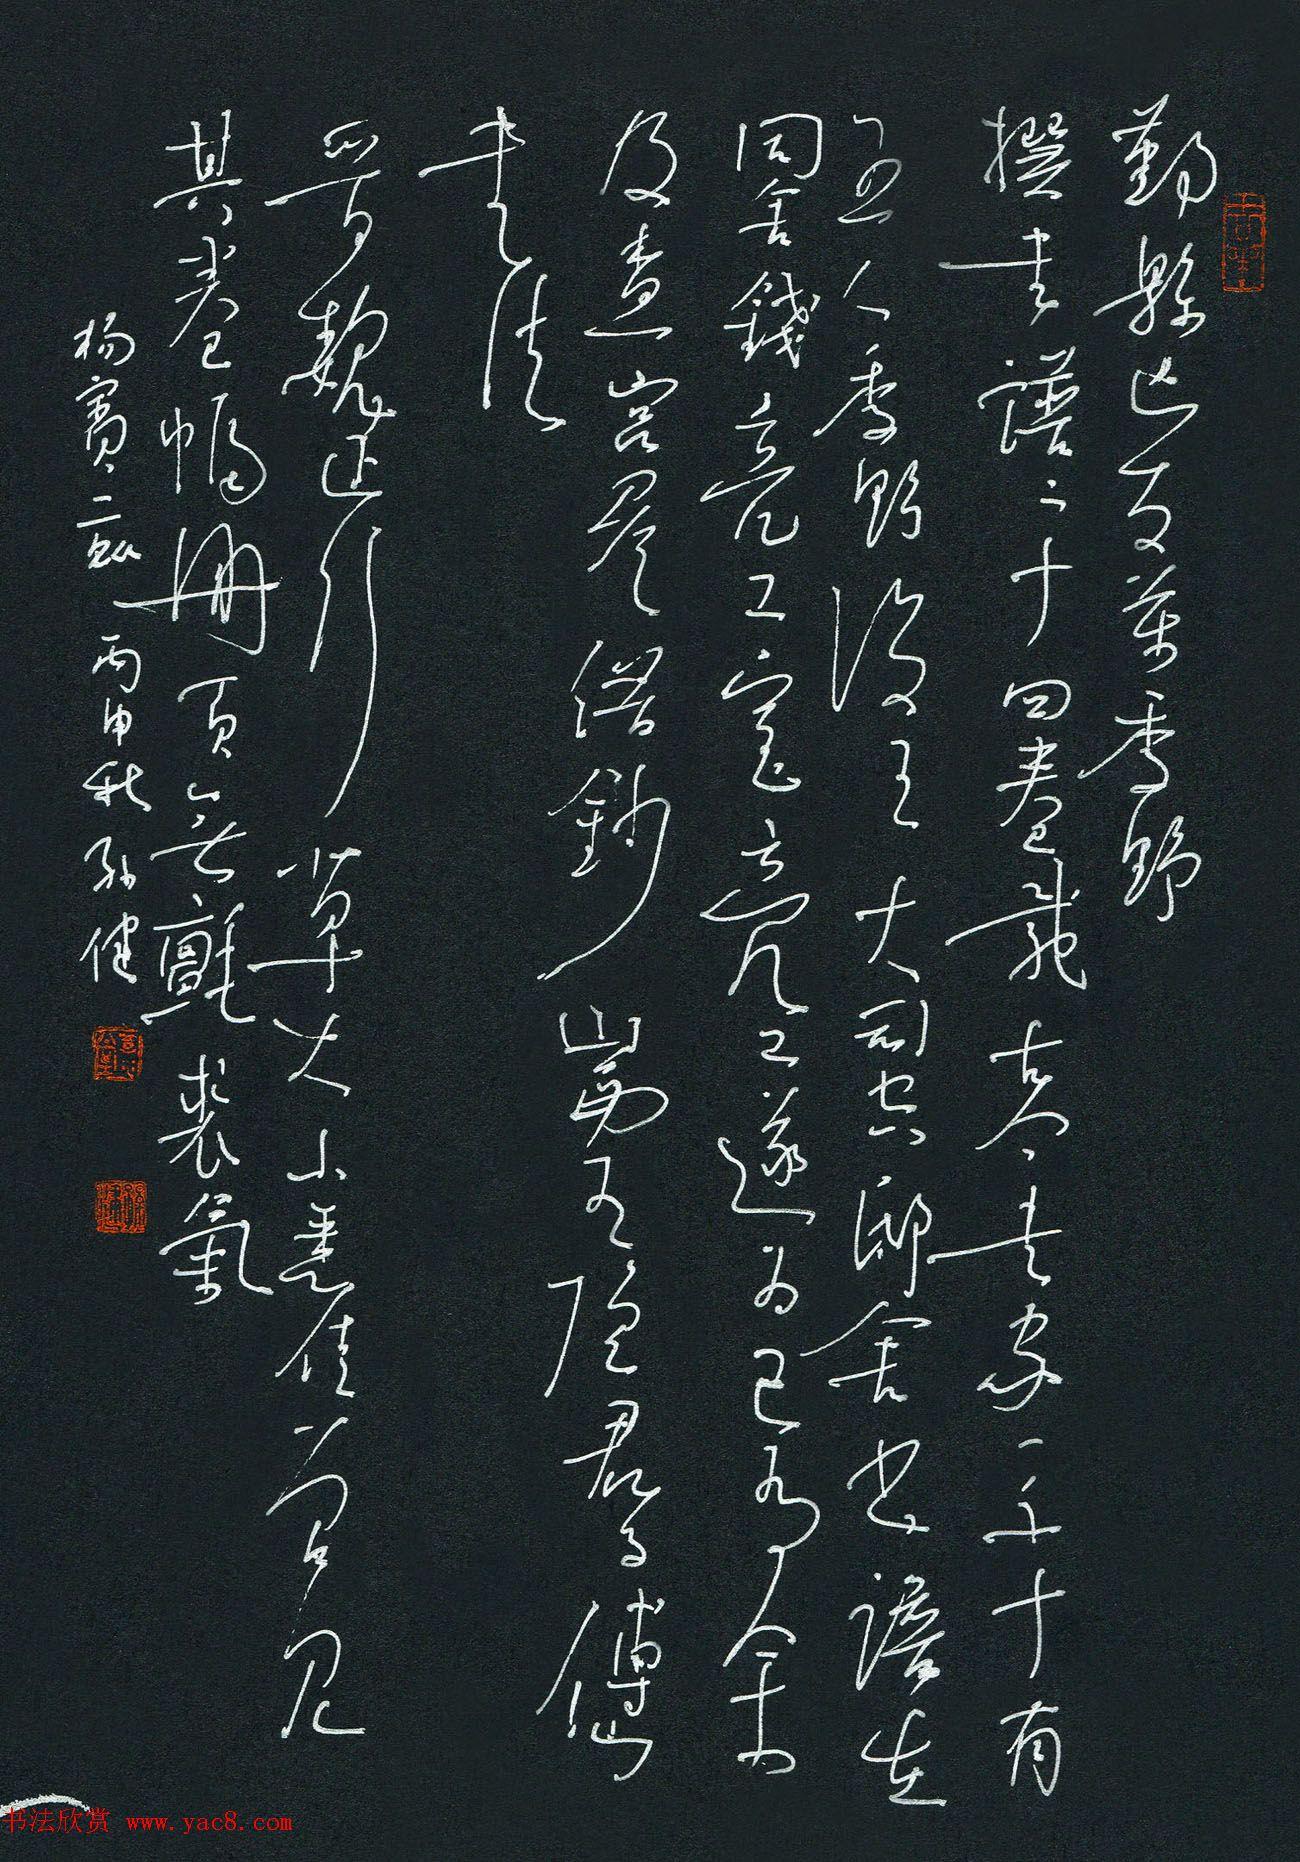 品翰堂杯第三届中国硬笔书法大赛银奖作品